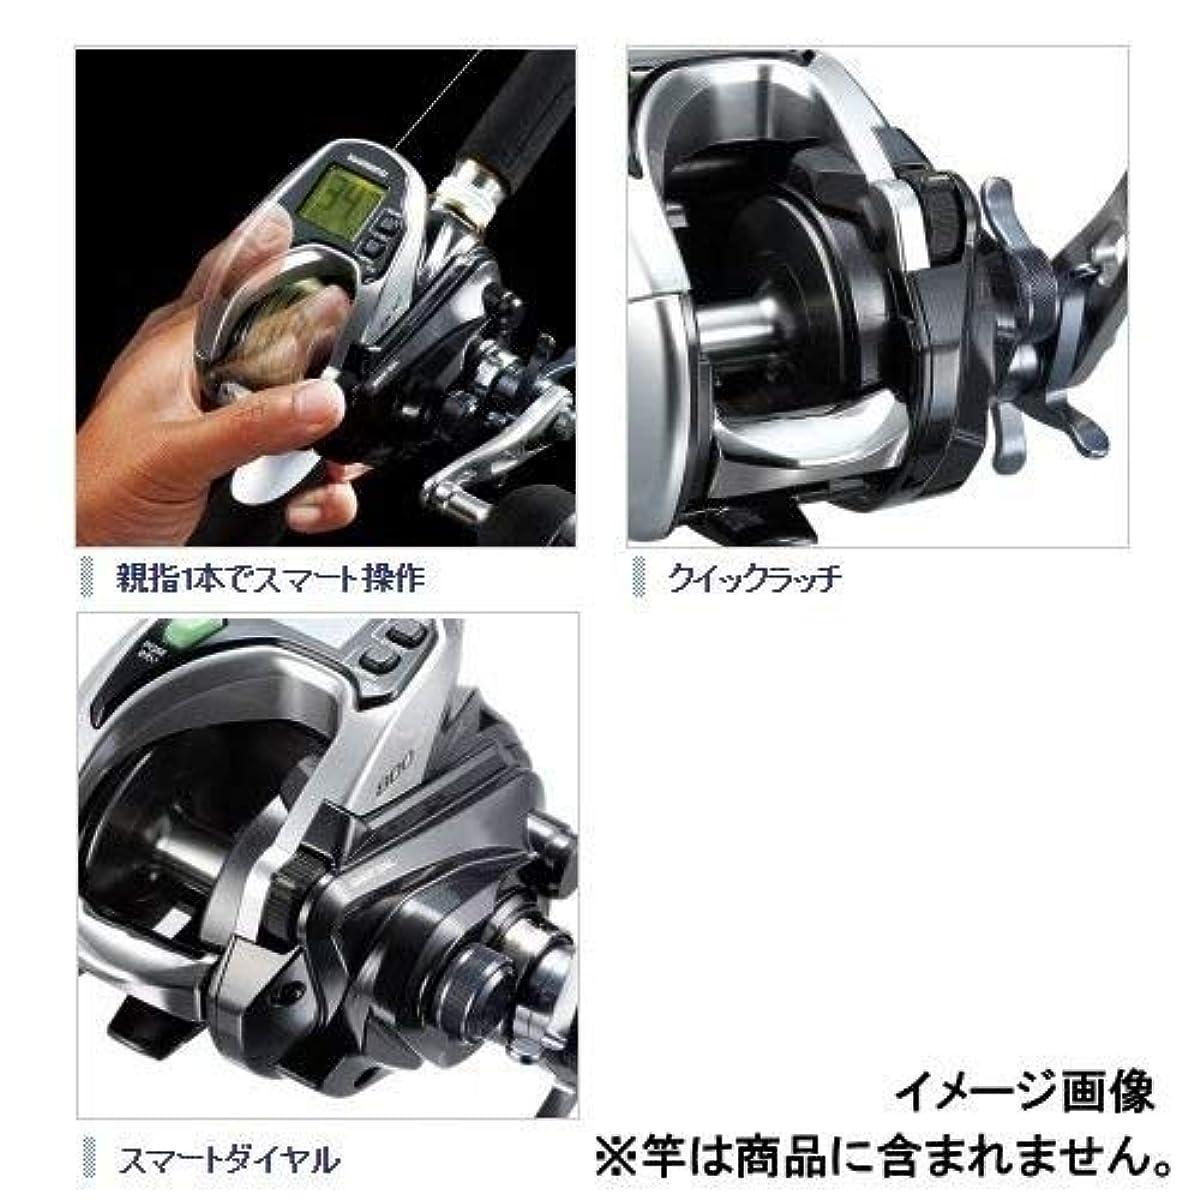 [해외] 시마노 전동 릴 15 포스 마스터 800 우핸들